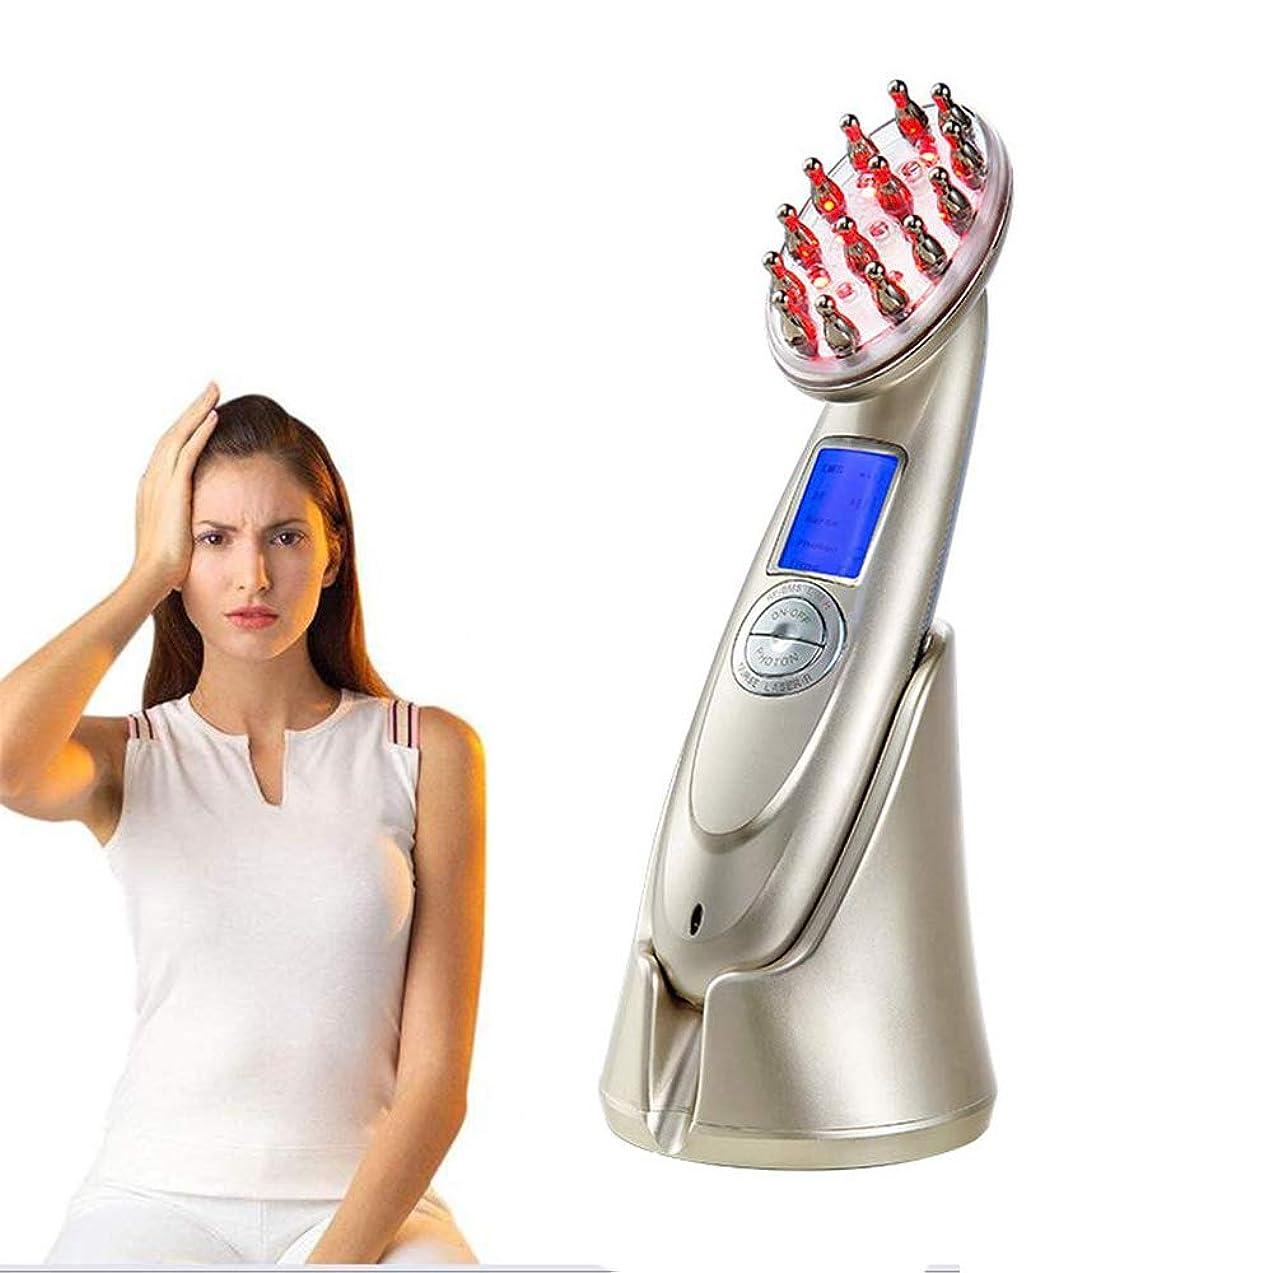 二層最適立ち寄る電気頭皮マッサージポータブルヘッドマッサージャーフォトンレーザーRFくしヘッドをリラックスして刺激する抗毛損失治療装置